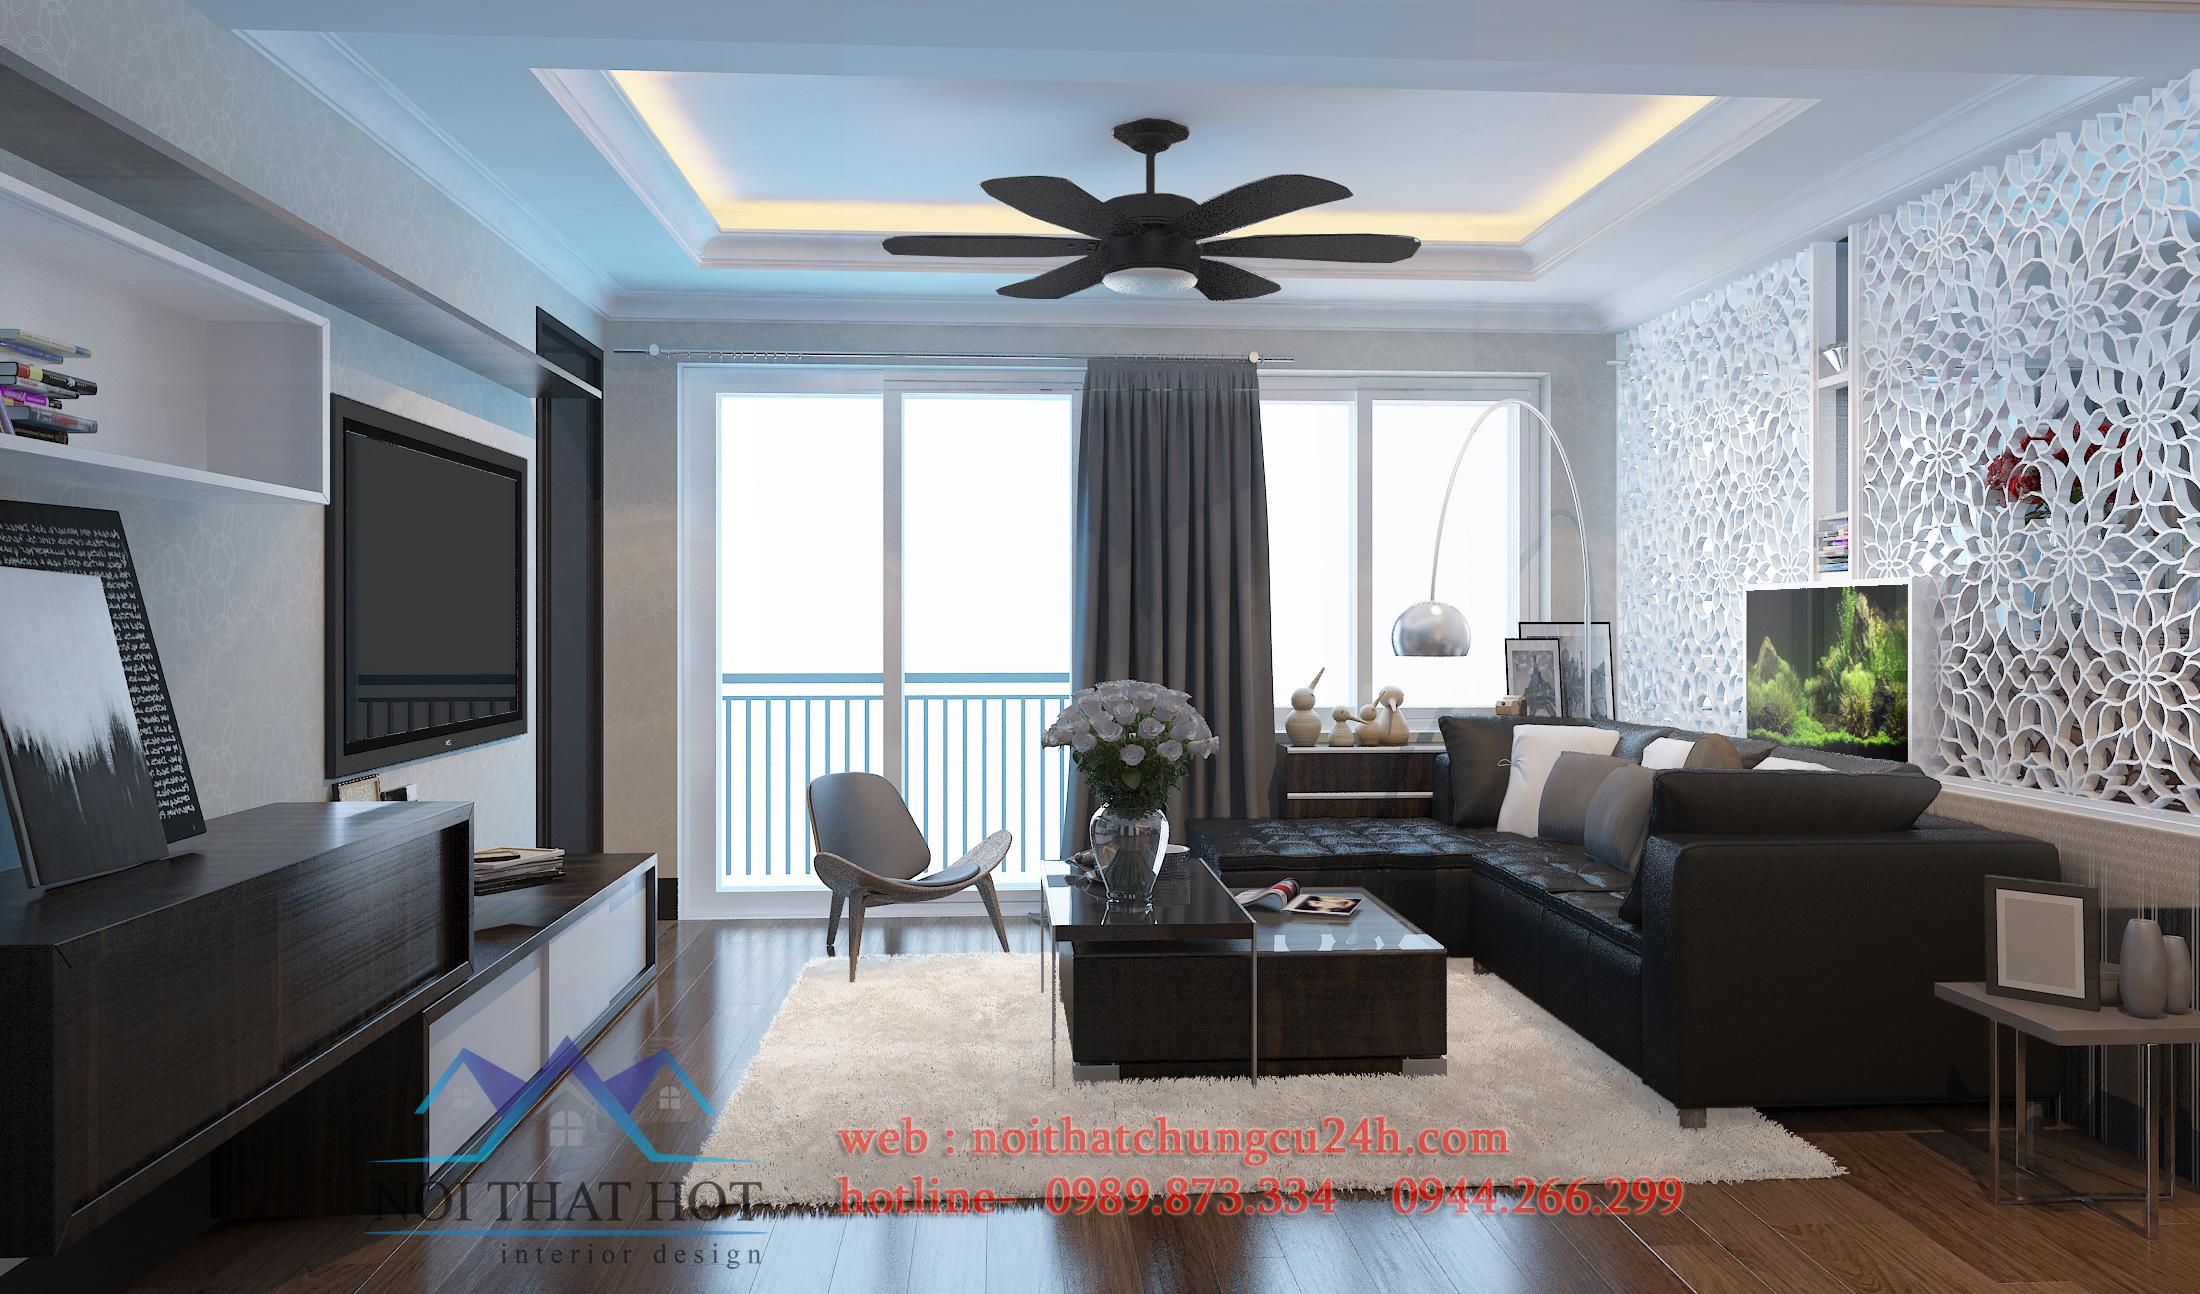 thiết kế nội thất phòng khách căn hộ chung cư